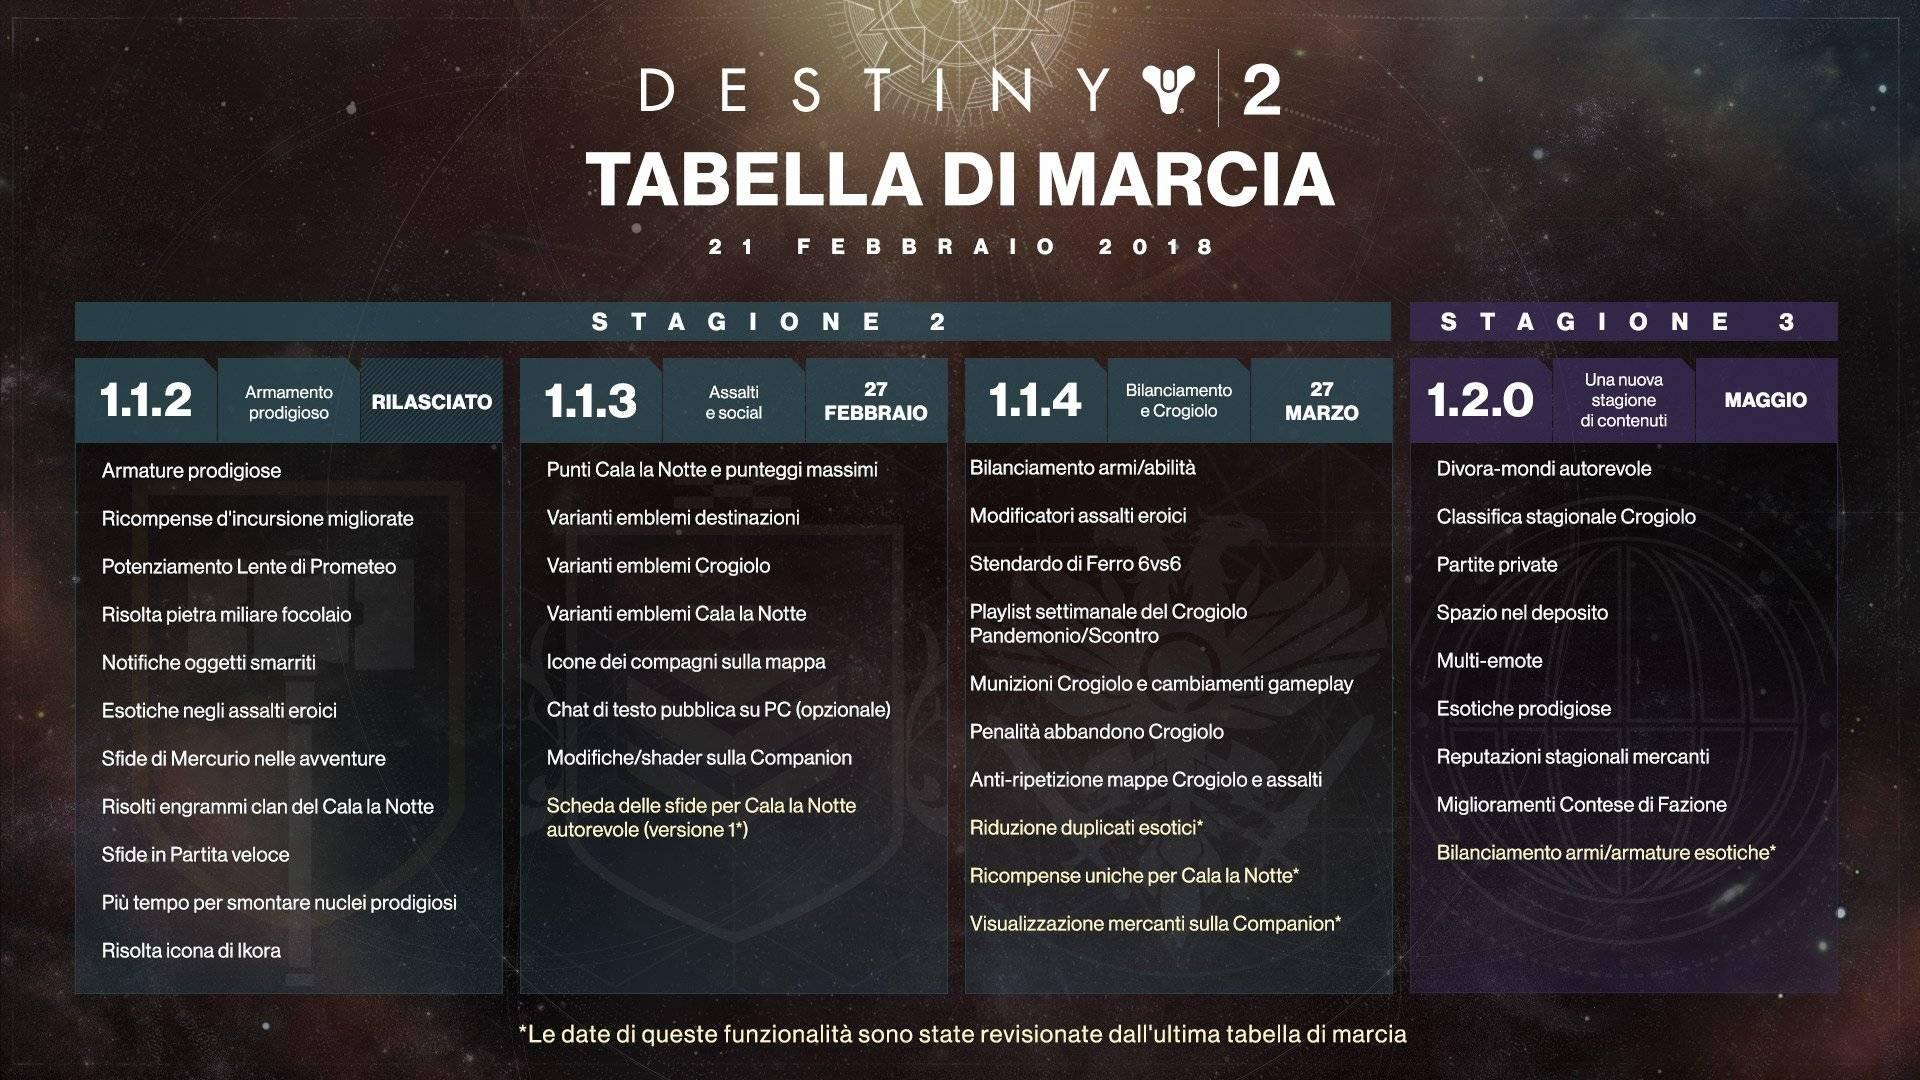 Destiny 2: Bungie ha rinviato l'arrivo di alcune modifiche e migliorie